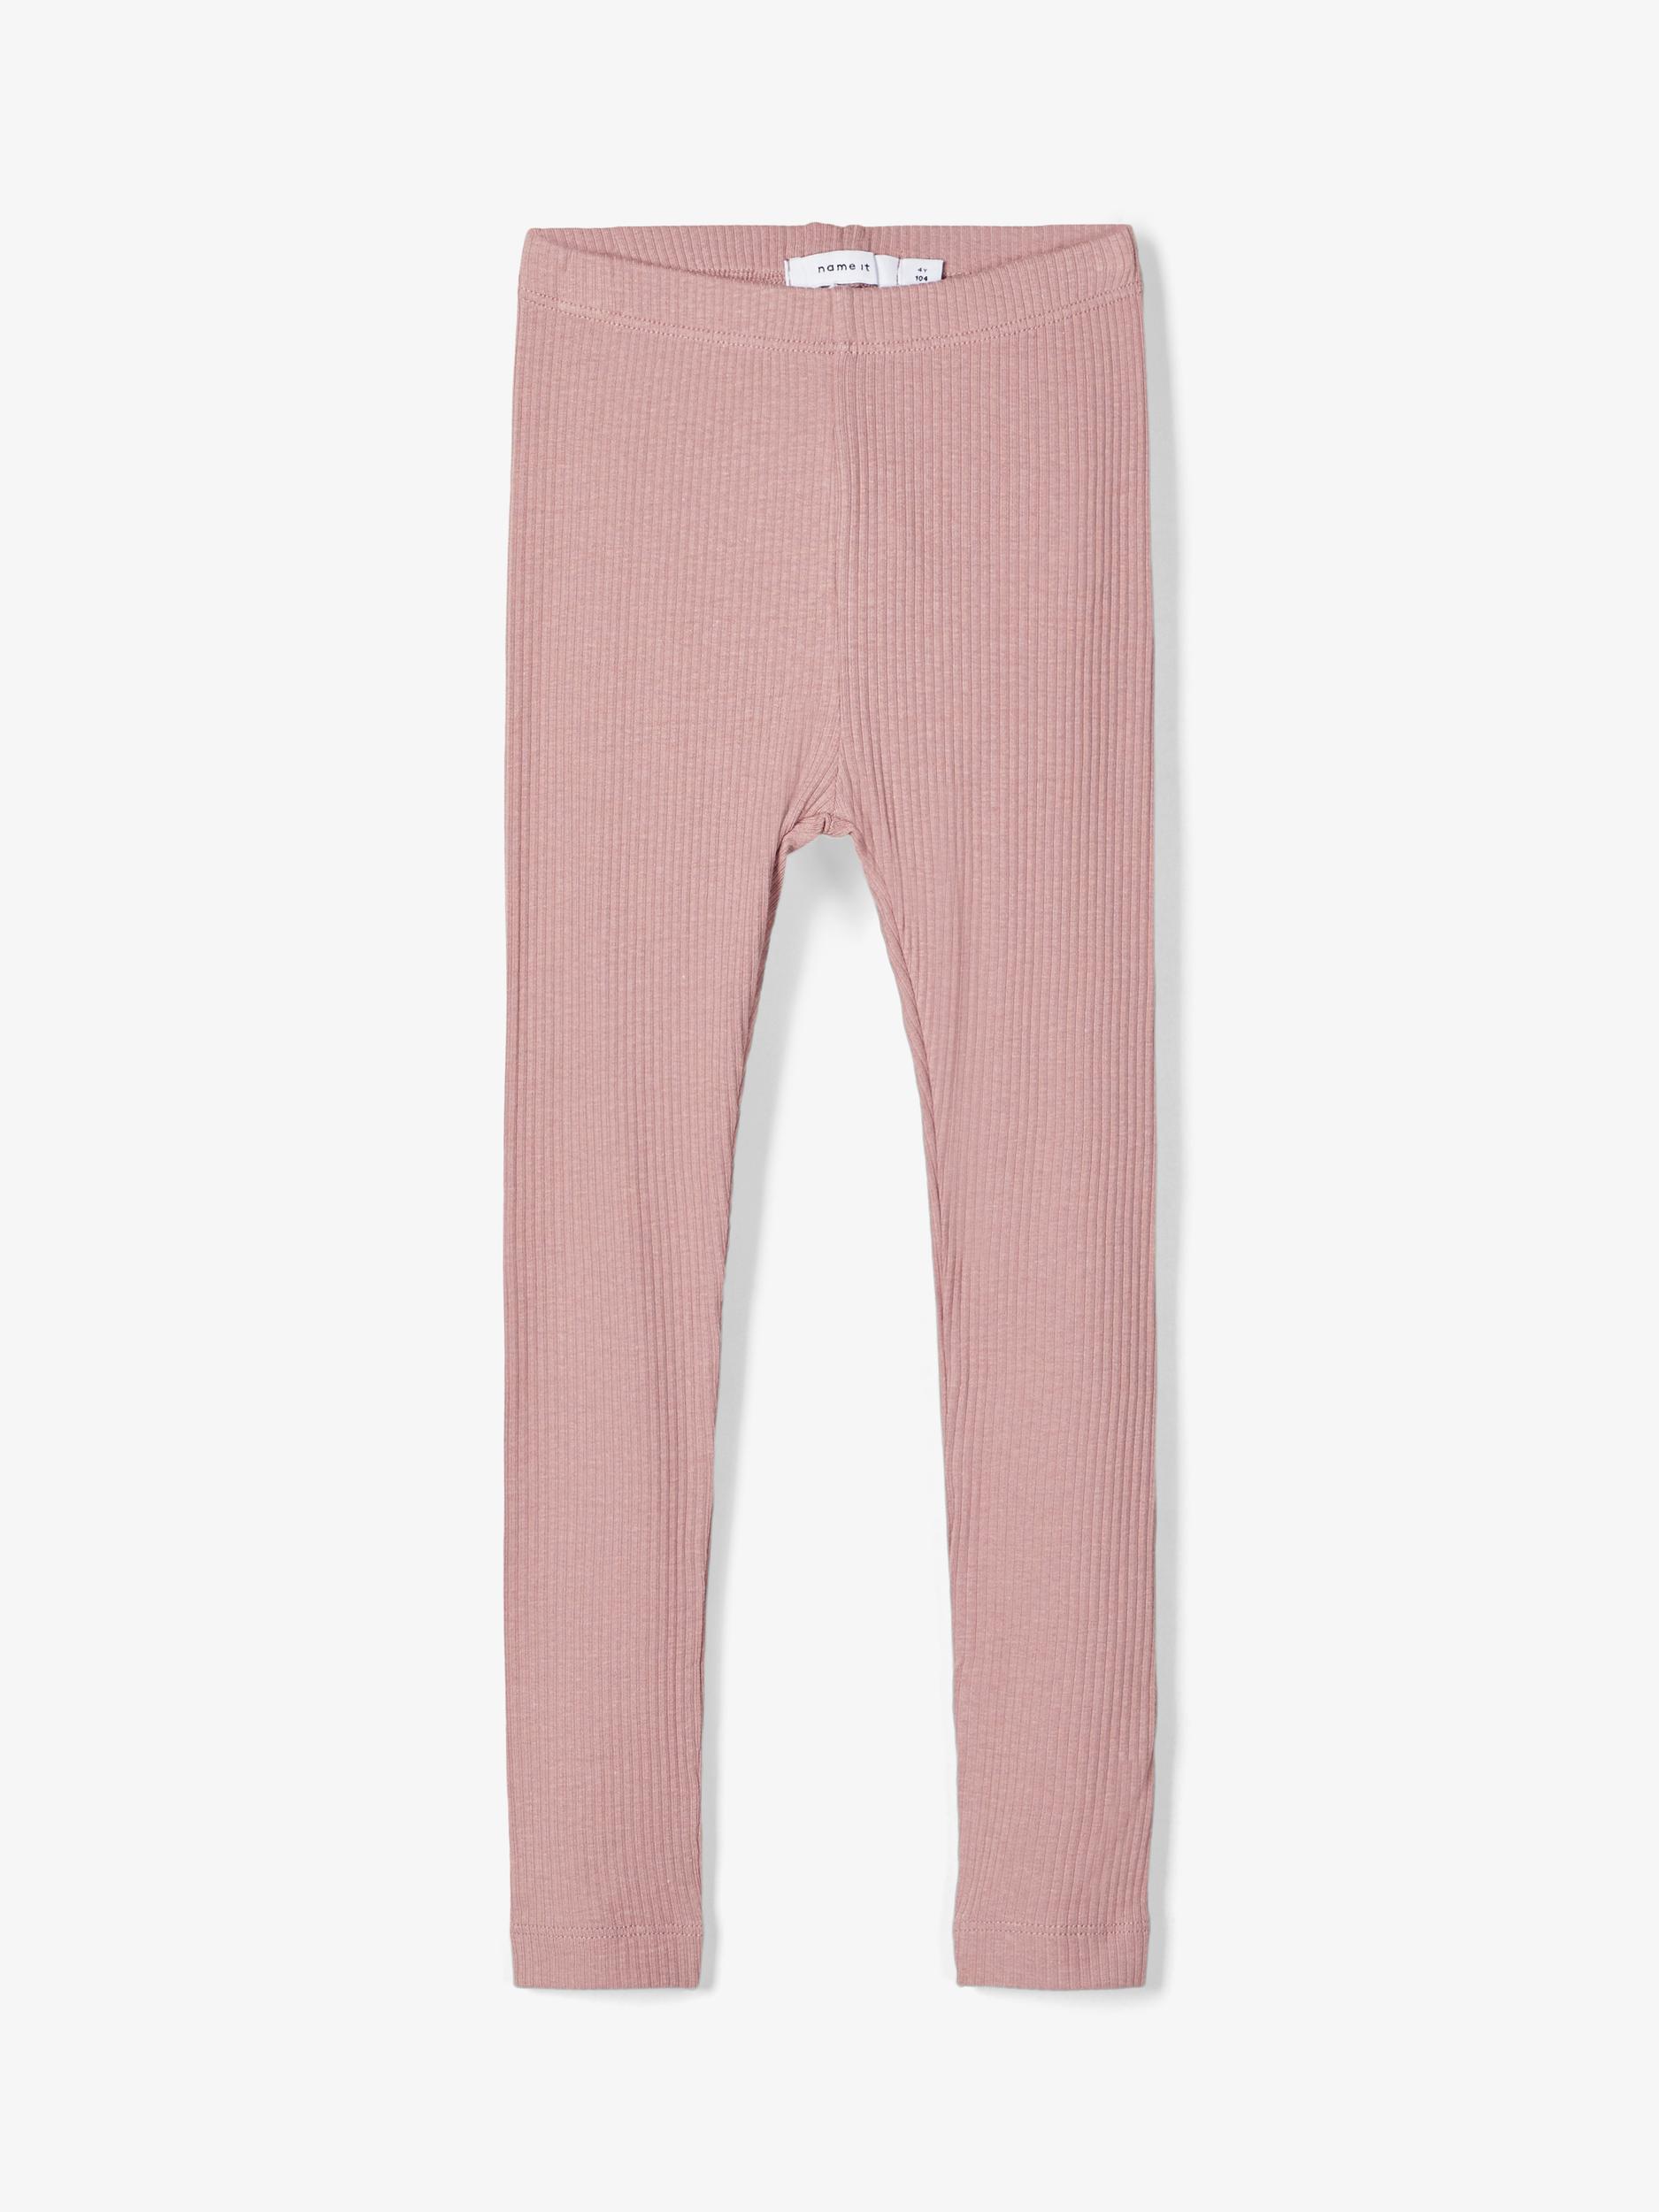 Name It Kabex leggings, woodrose, 98